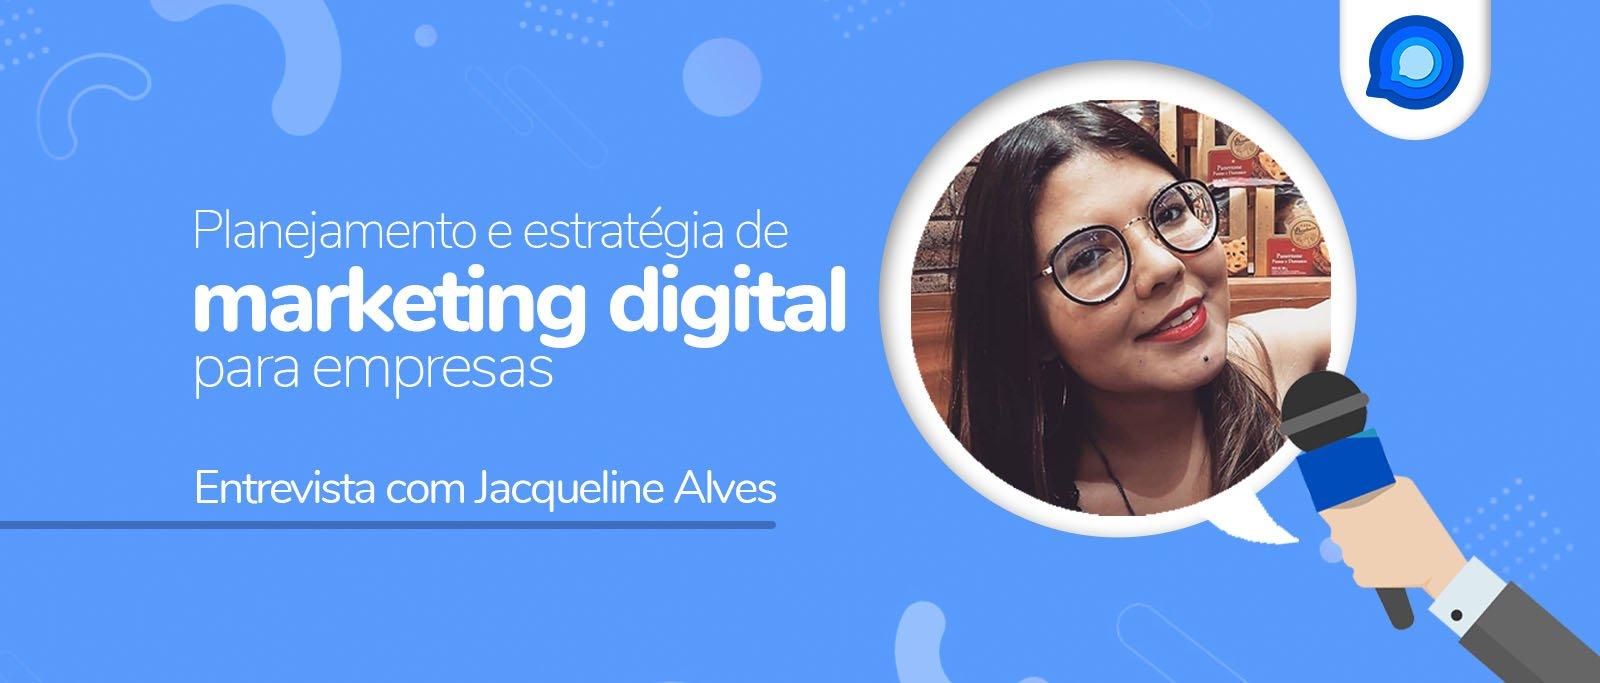 Saiba tudo sobre planejamento e estratégia de marketing digital para empresas com nossa especialista – entrevista com Jacqueline Alves